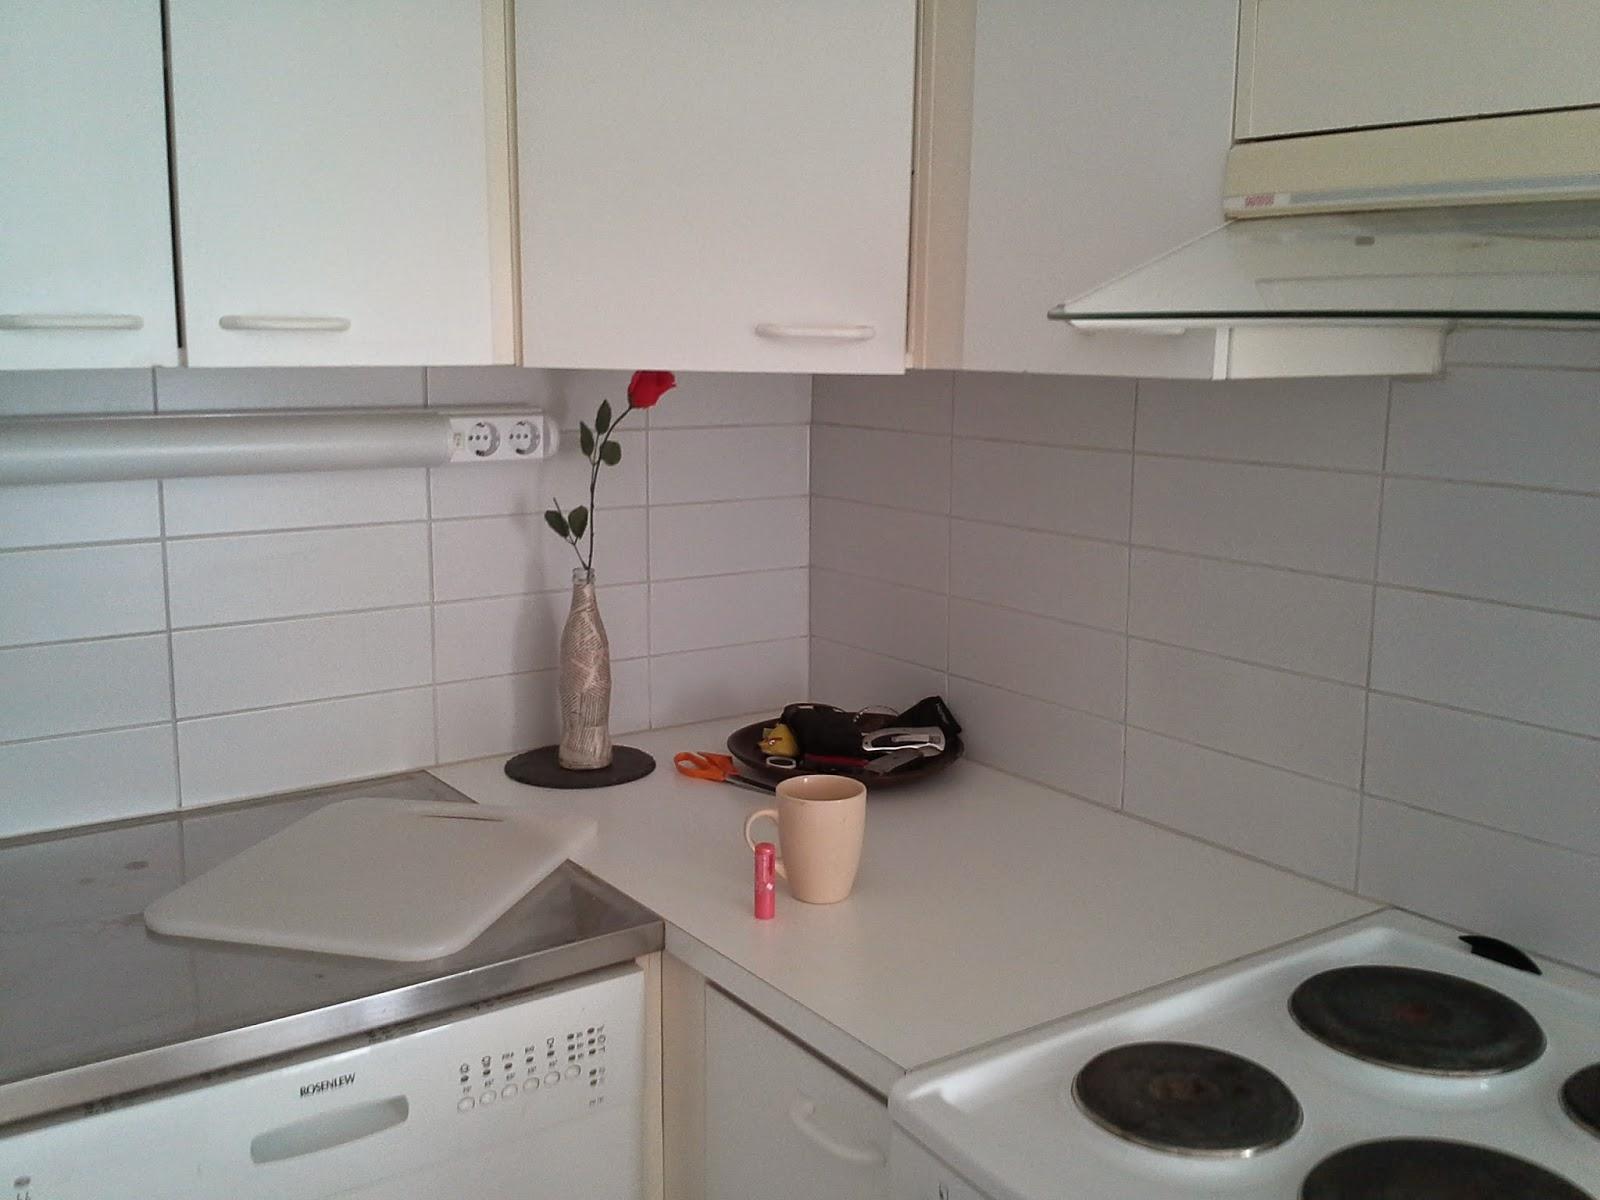 iHeartArt by eila DC Fix kalvoilla muutosta keittiöön!